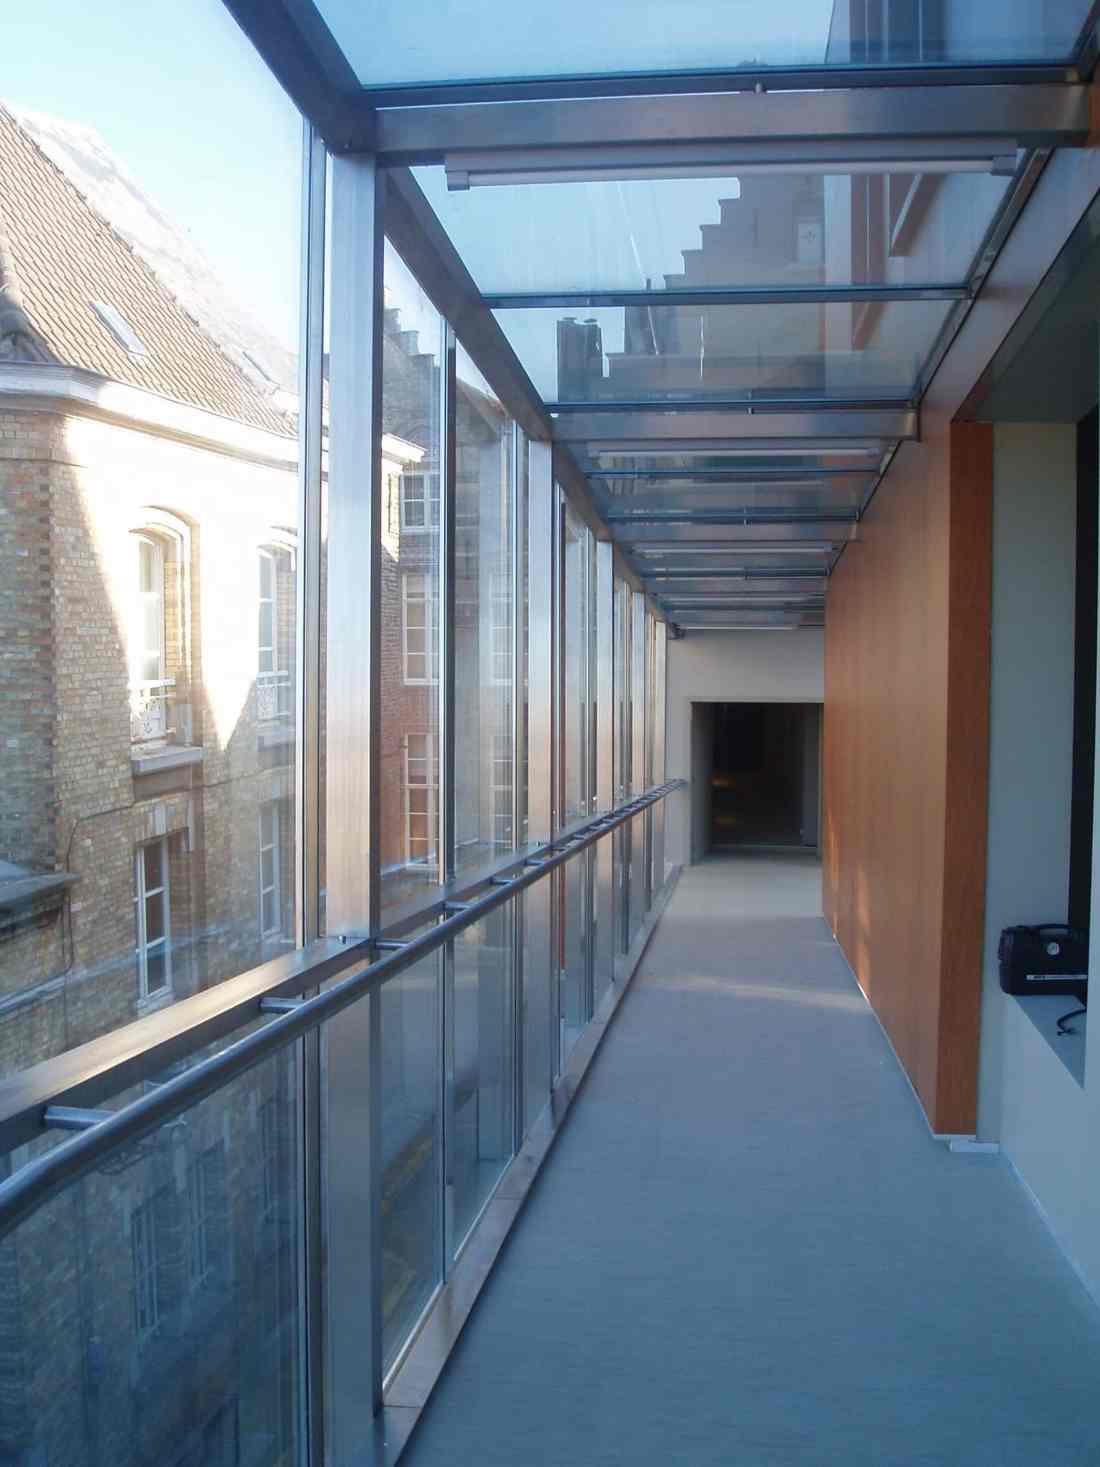 Choco Story Brugge - glazen dak van de traverse voorzien van Clearview 20